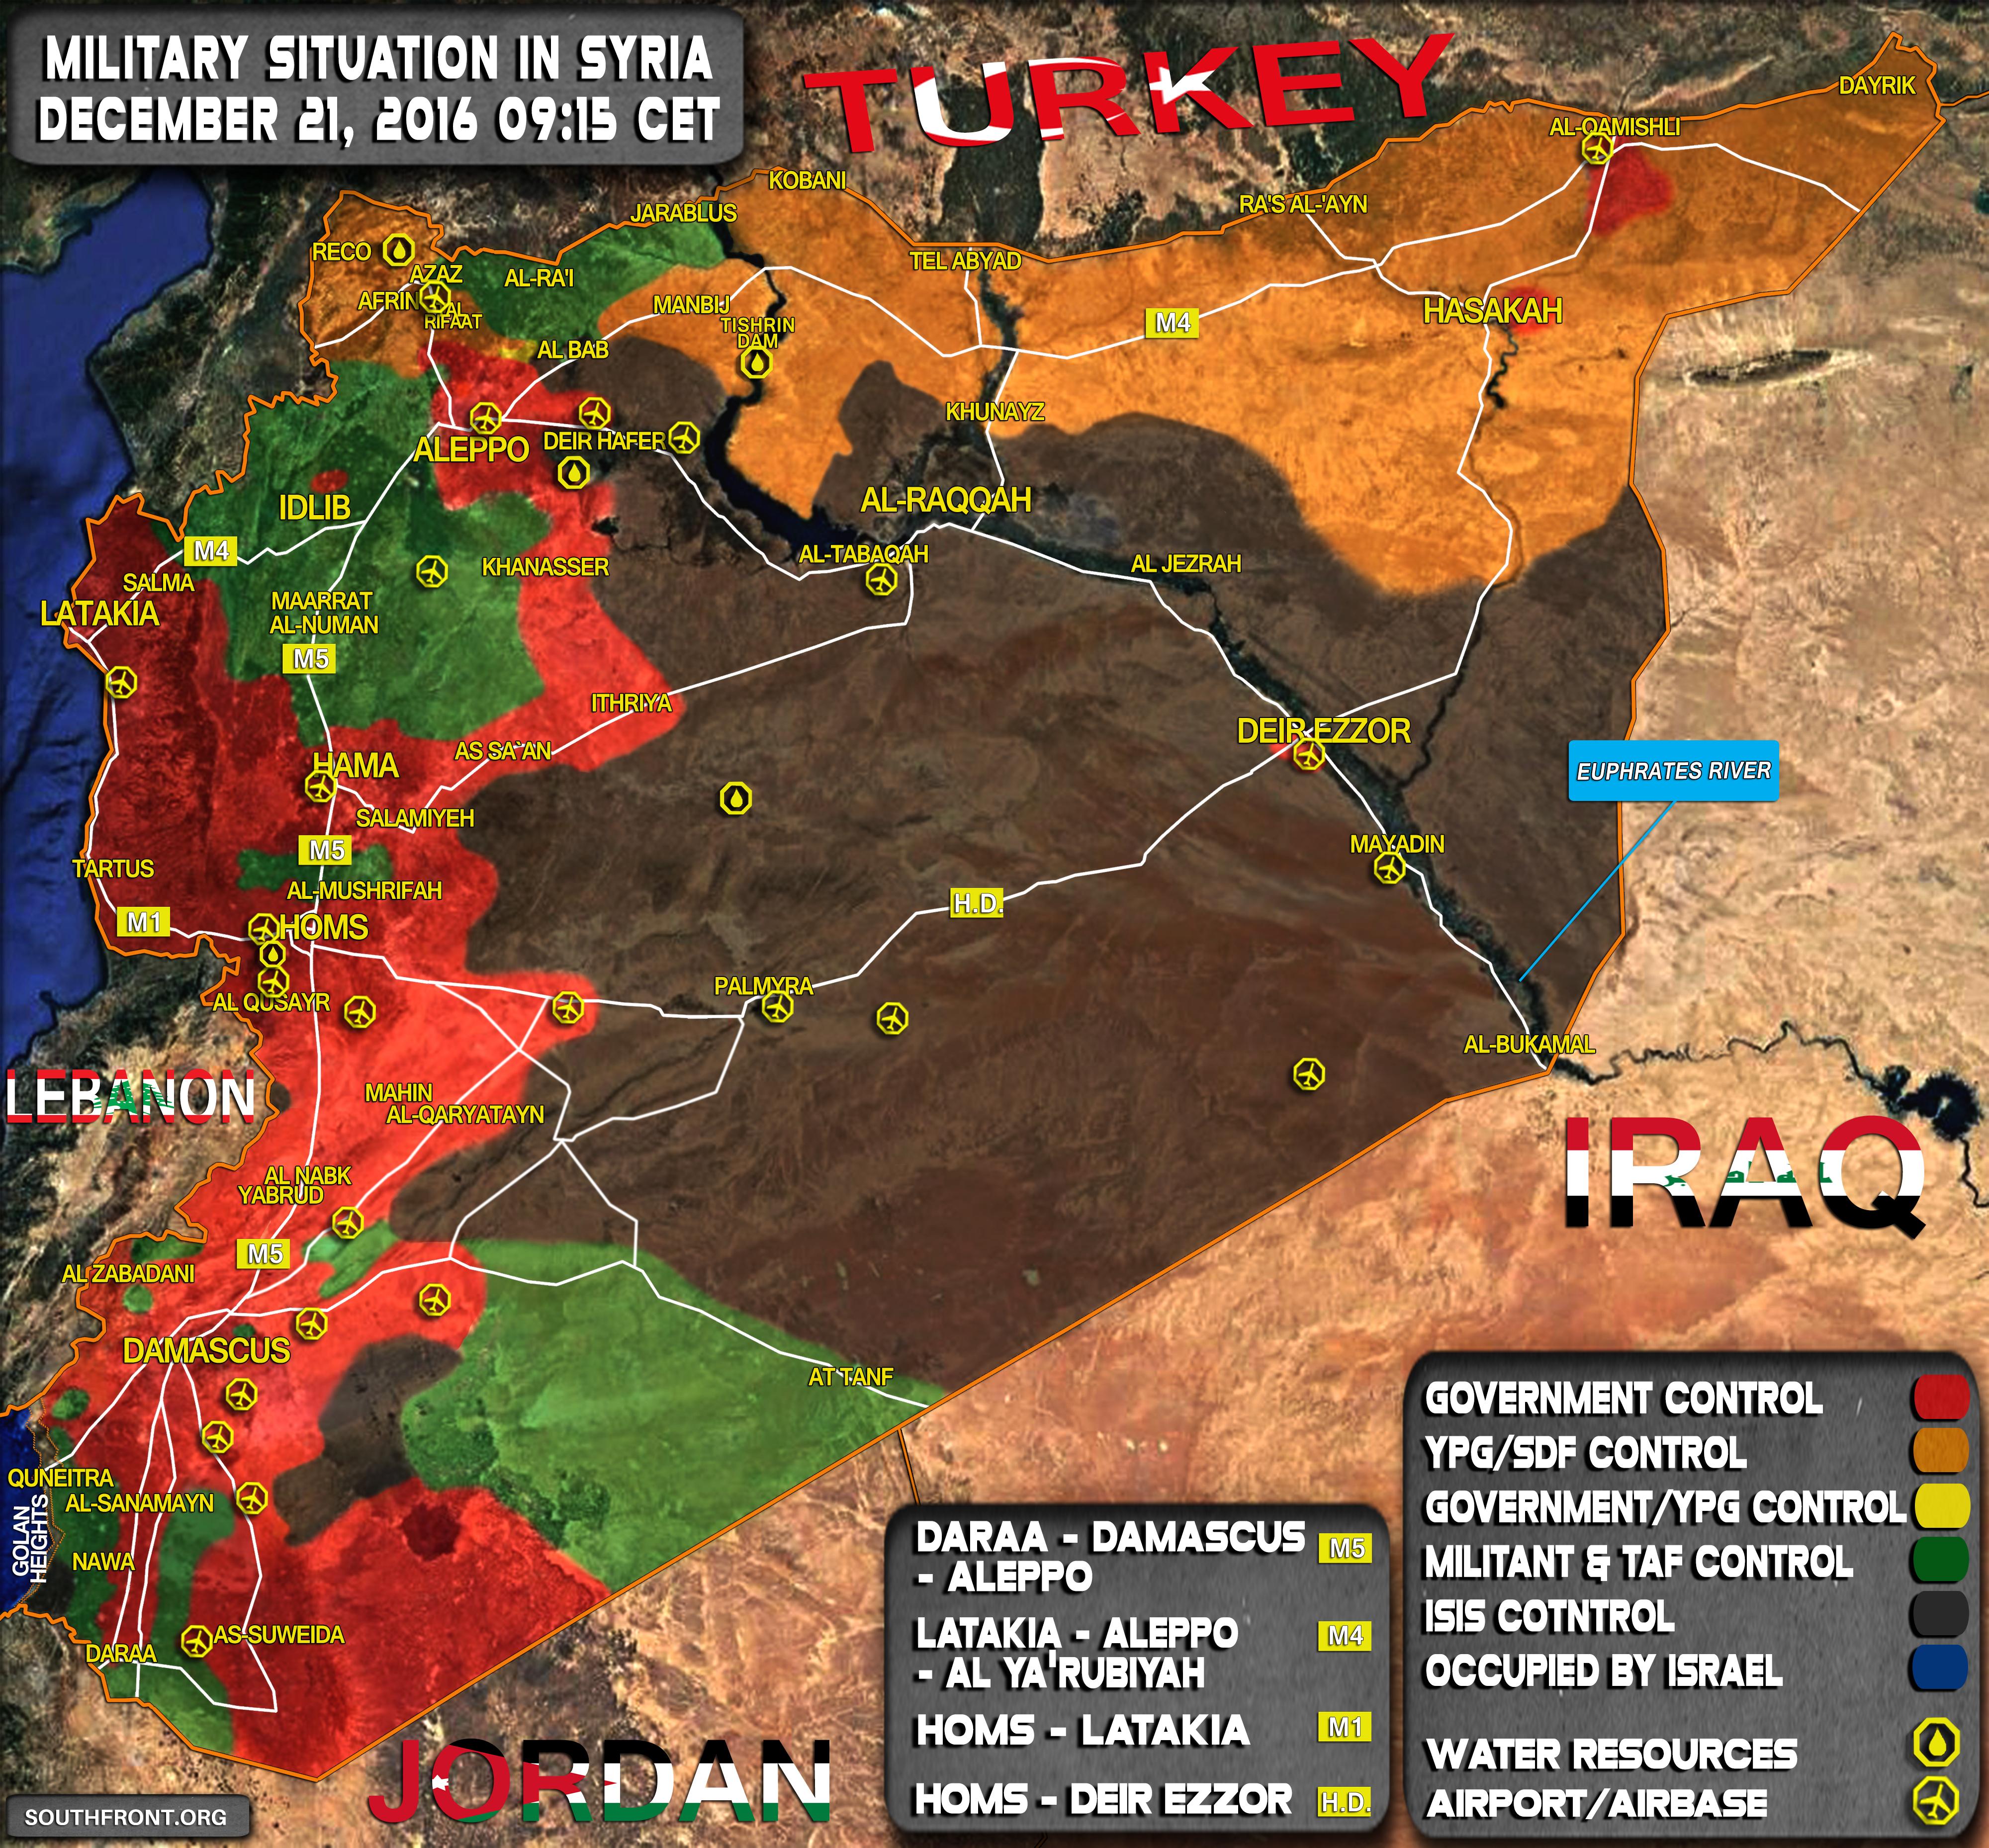 Syrien Karte 2016.Kartenupdate Militarische Lage In Syrien 21 Dezember 2016